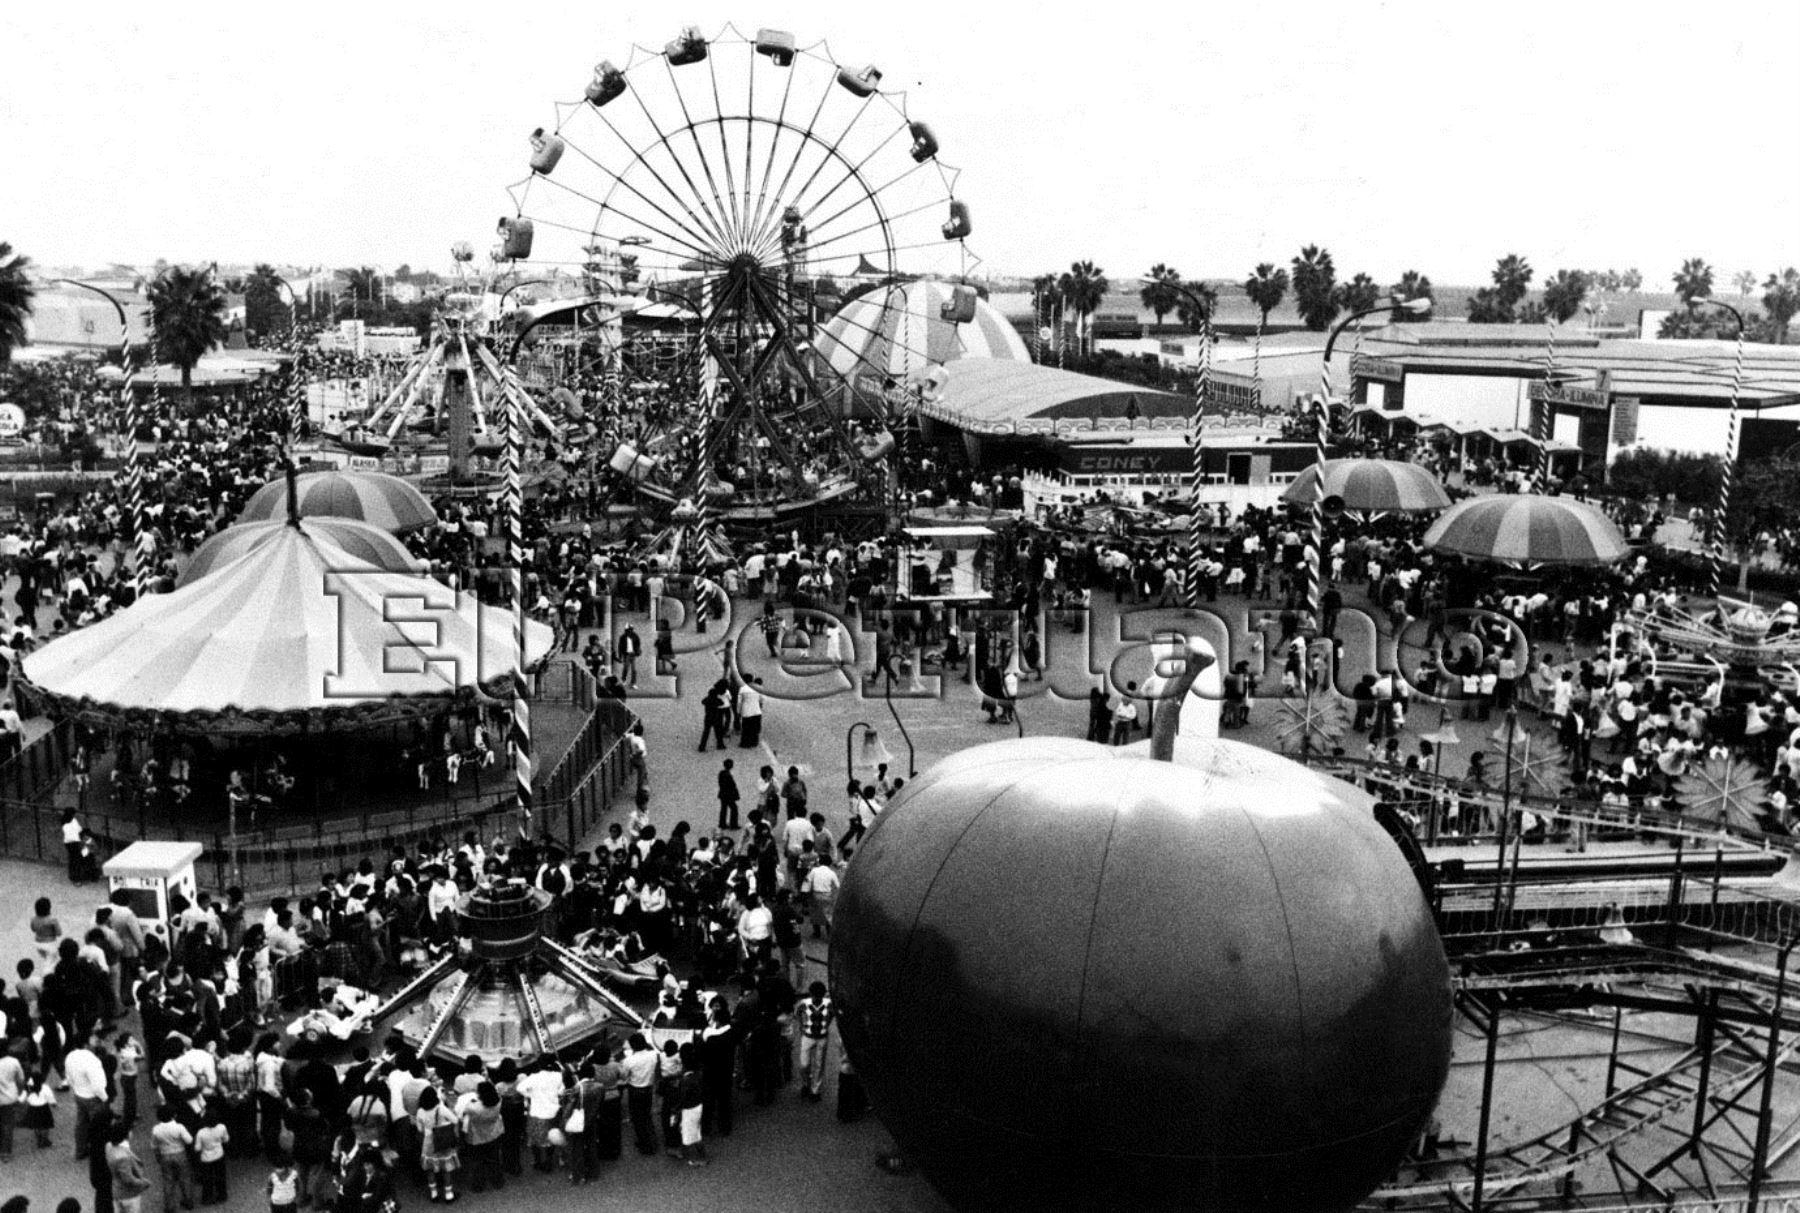 La Feria del Hogar se ubicaba en San Miguel. Foto: Archivo Historico El Peruano